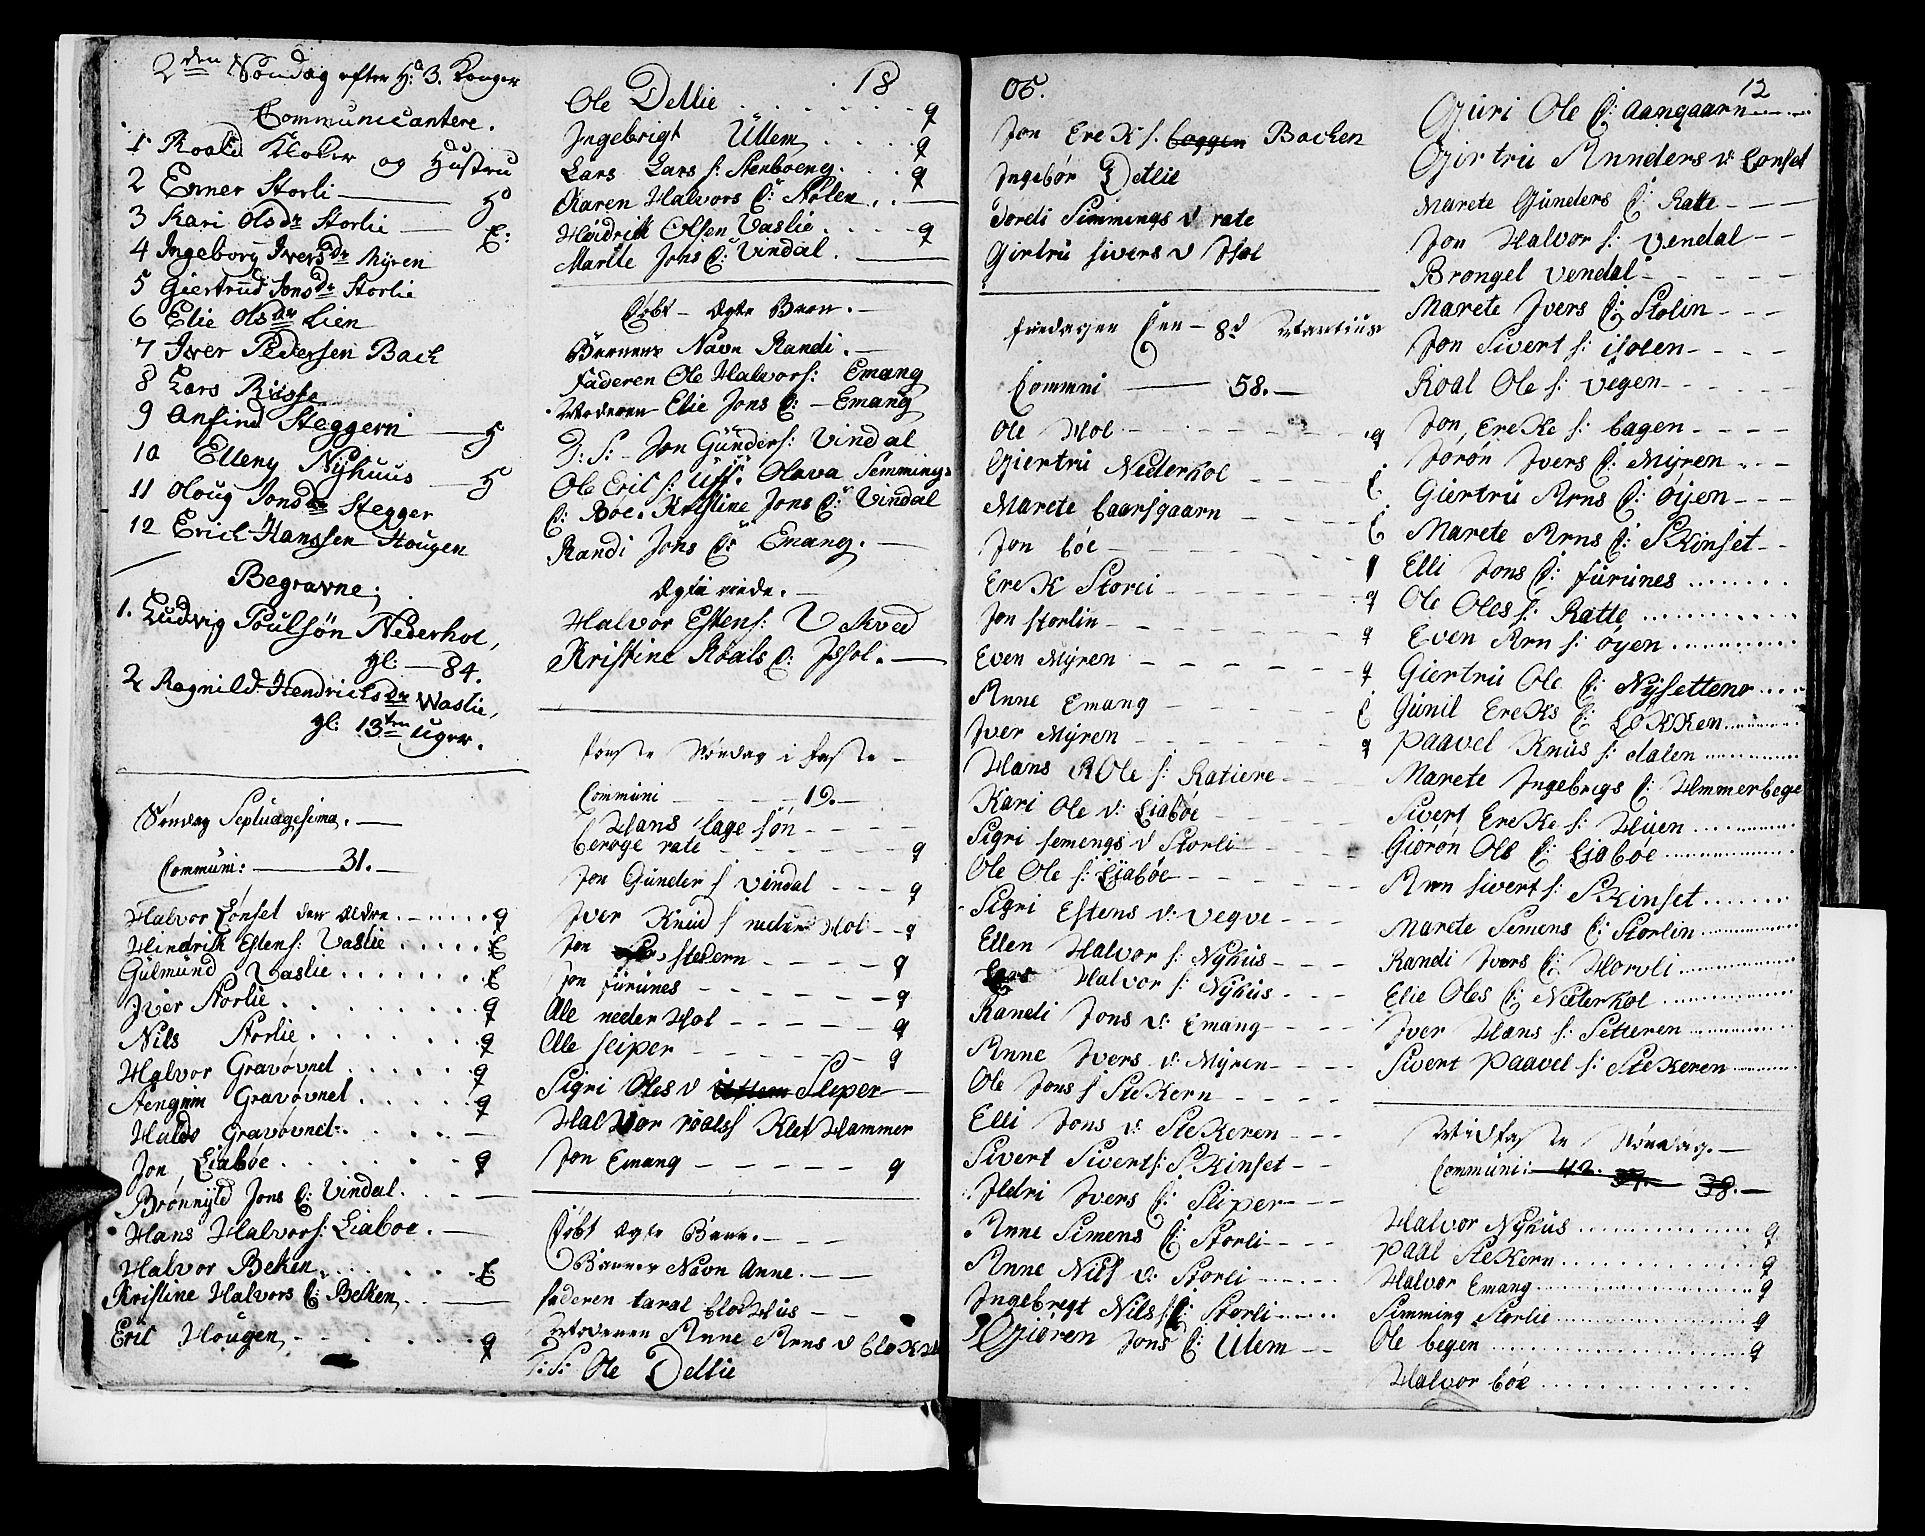 SAT, Ministerialprotokoller, klokkerbøker og fødselsregistre - Sør-Trøndelag, 679/L0921: Klokkerbok nr. 679C01, 1792-1840, s. 12